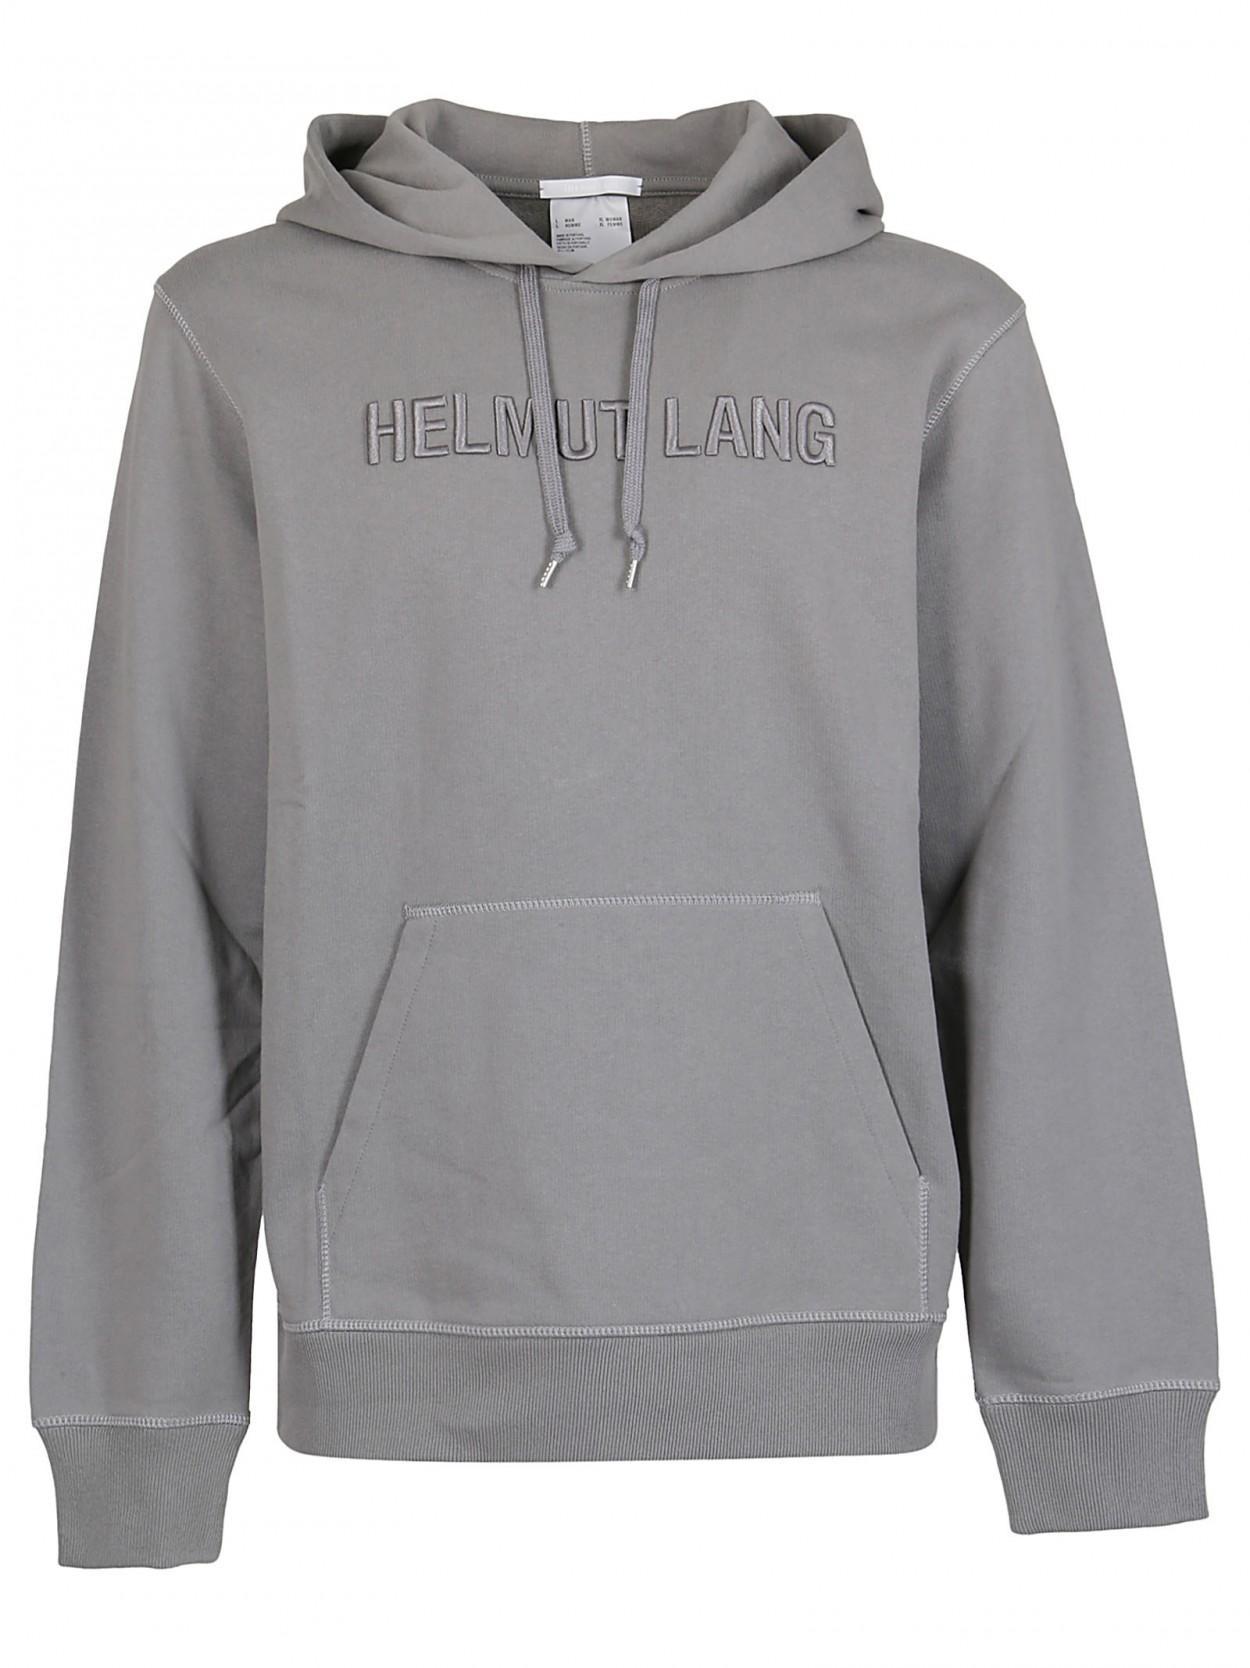 nuovo prodotto af927 aecec Men's Gray HELMUT LANG Felpa grigia con logo